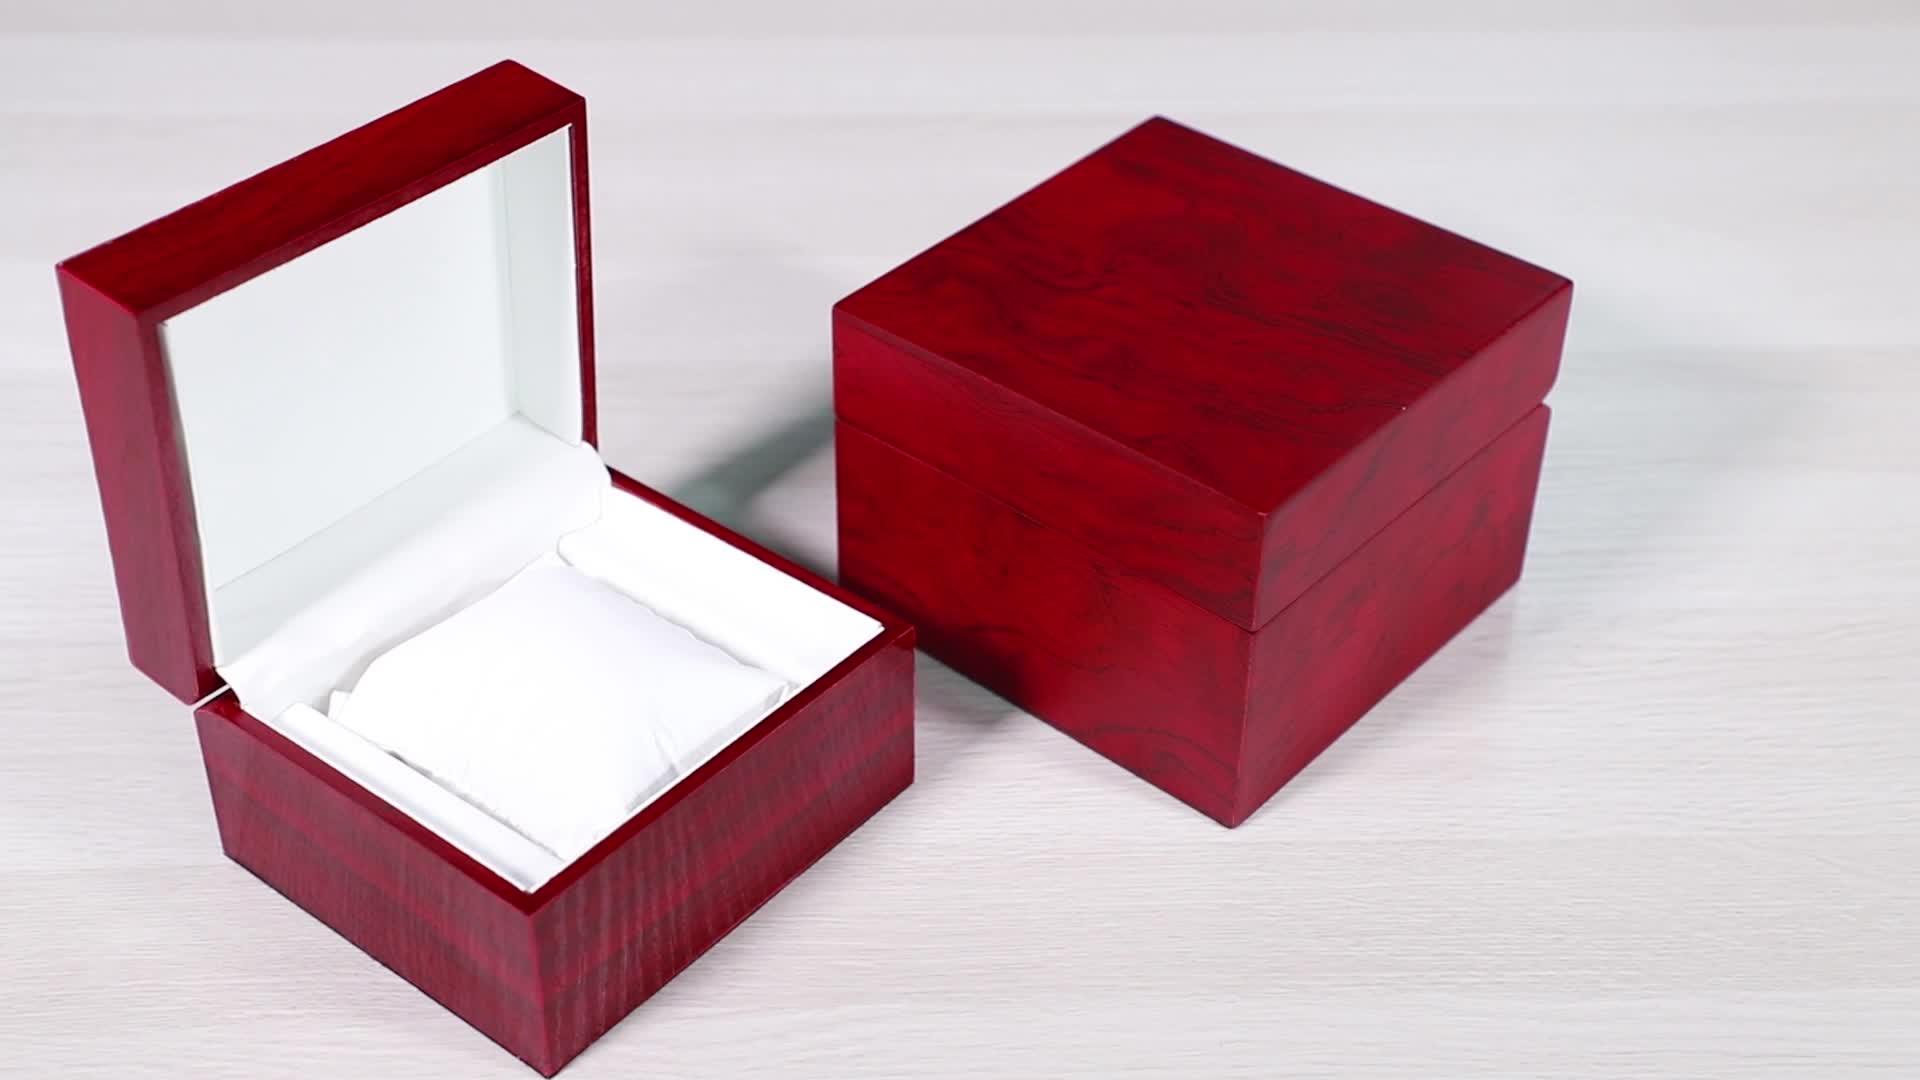 โลโก้ที่กำหนดเองของขวัญบรรจุภัณฑ์จอแสดงผลเก็บหรูหราขนาดเล็กสีดำแบนกล่องนาฬิกาไม้